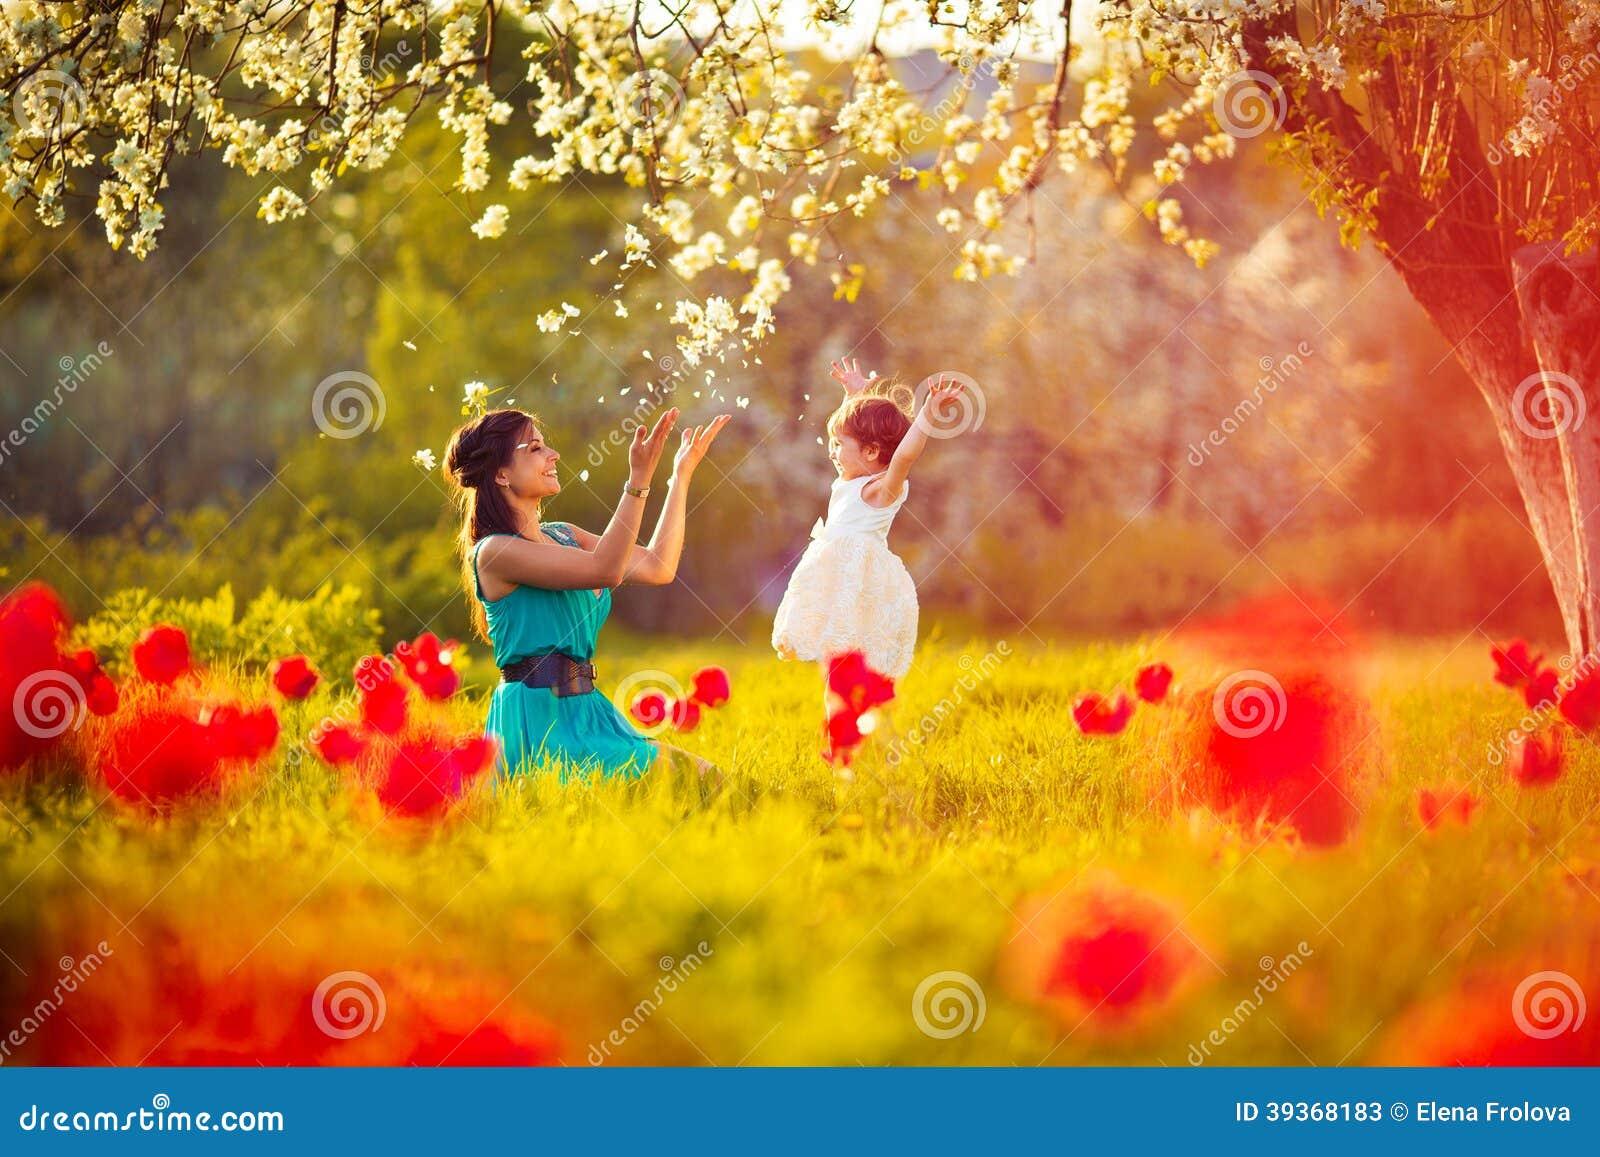 La femme et l enfant heureux pendant le ressort de floraison font du jardinage. Jour de mères